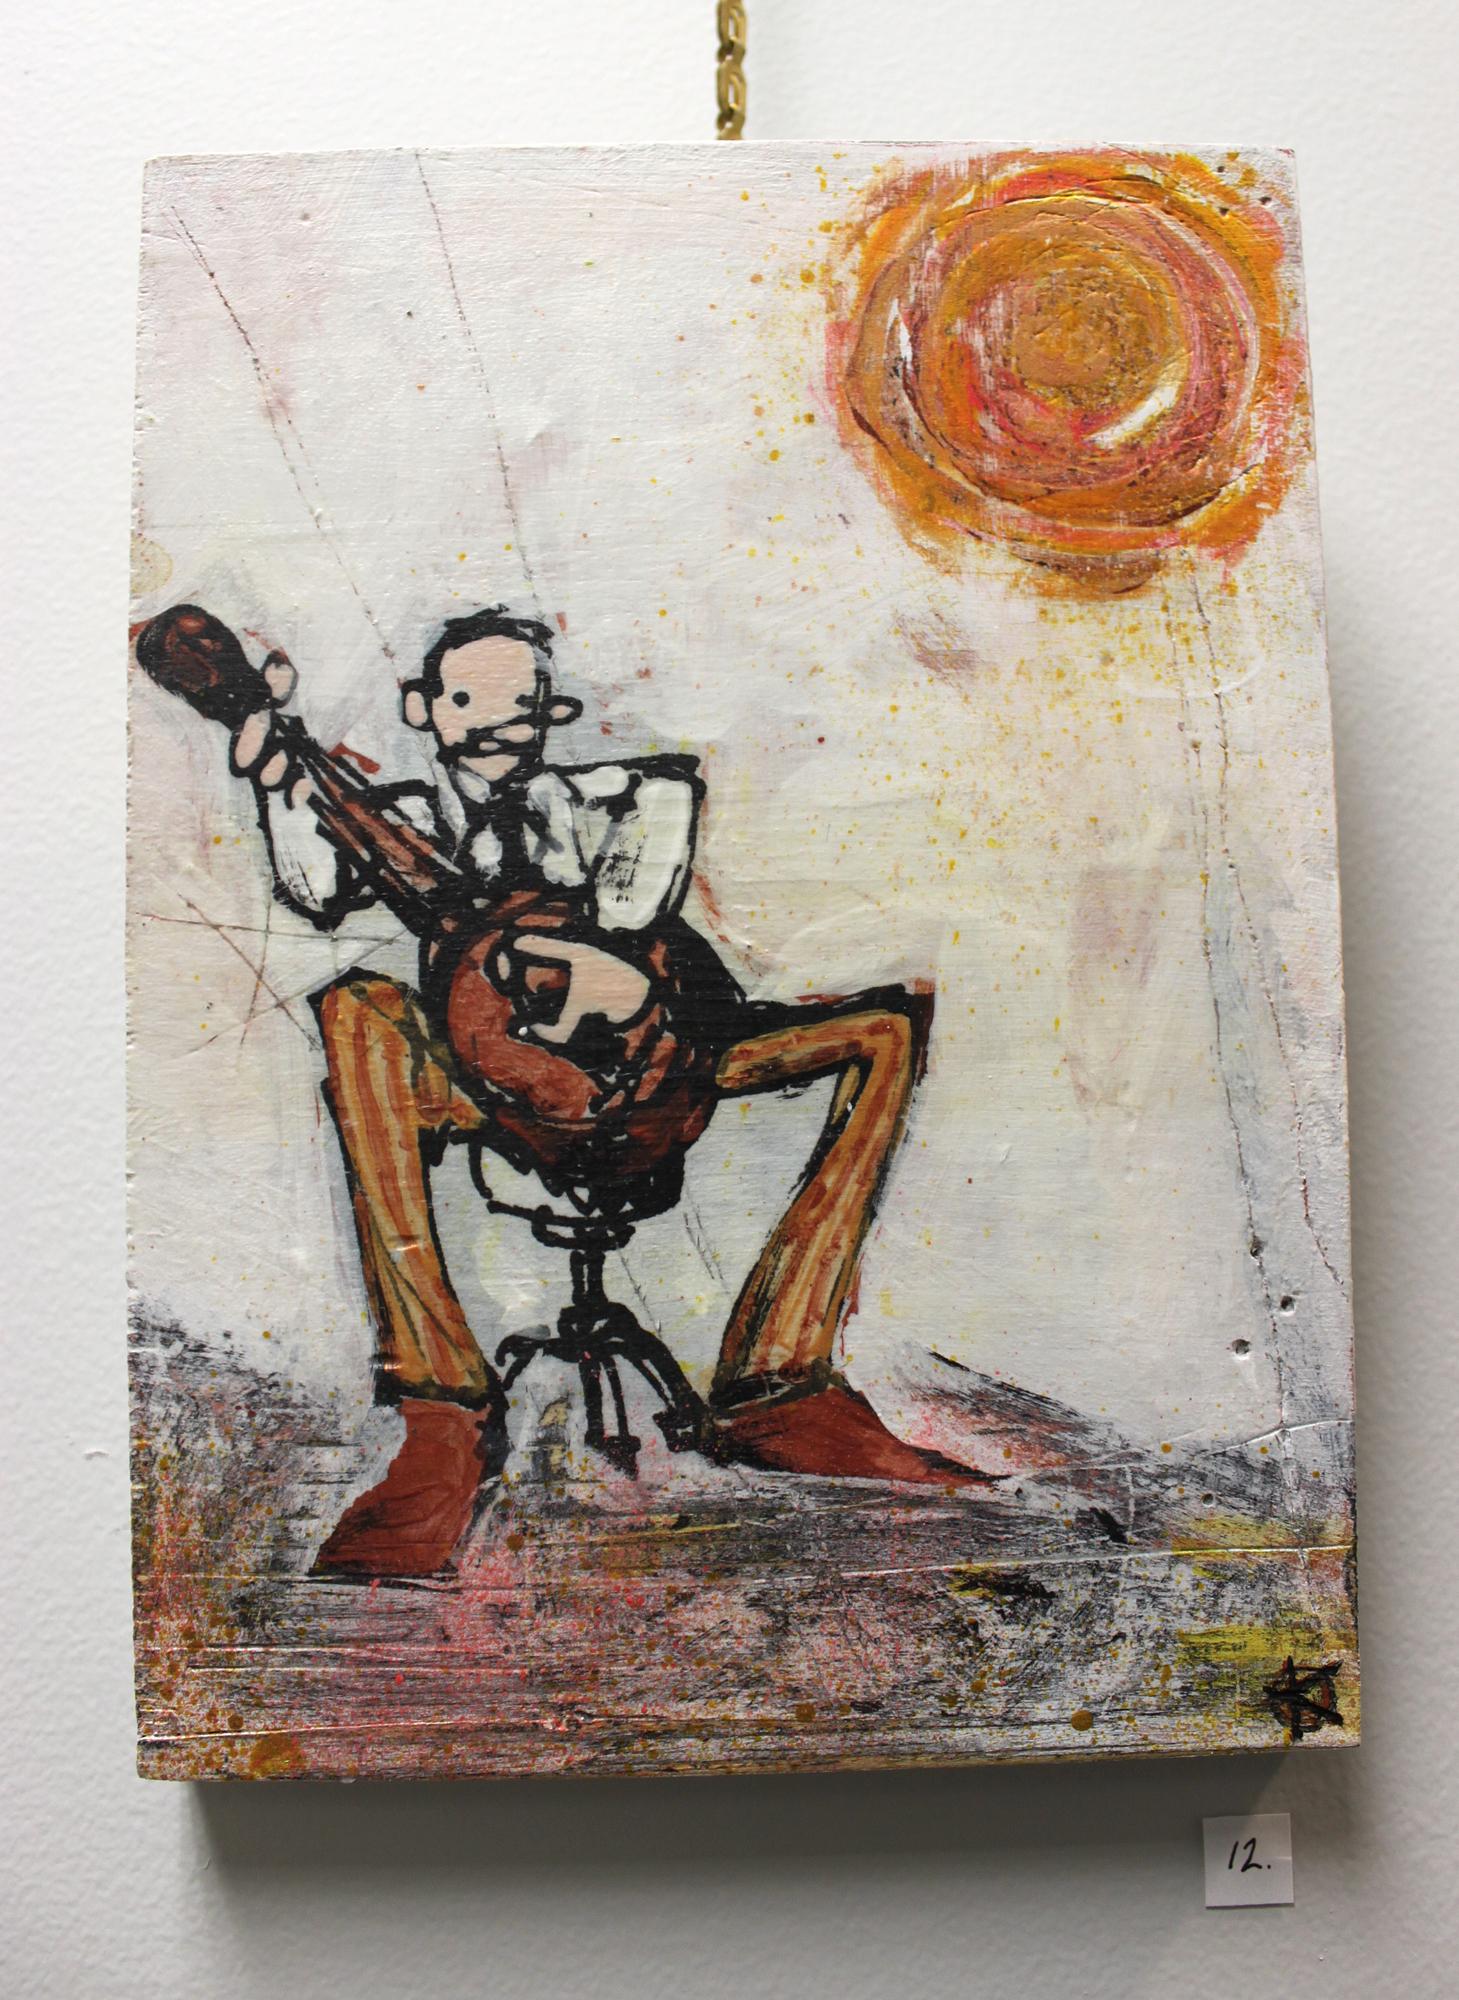 Sun Song, Acrylic on Wood Panel, 2014 - Kent Smith, $150